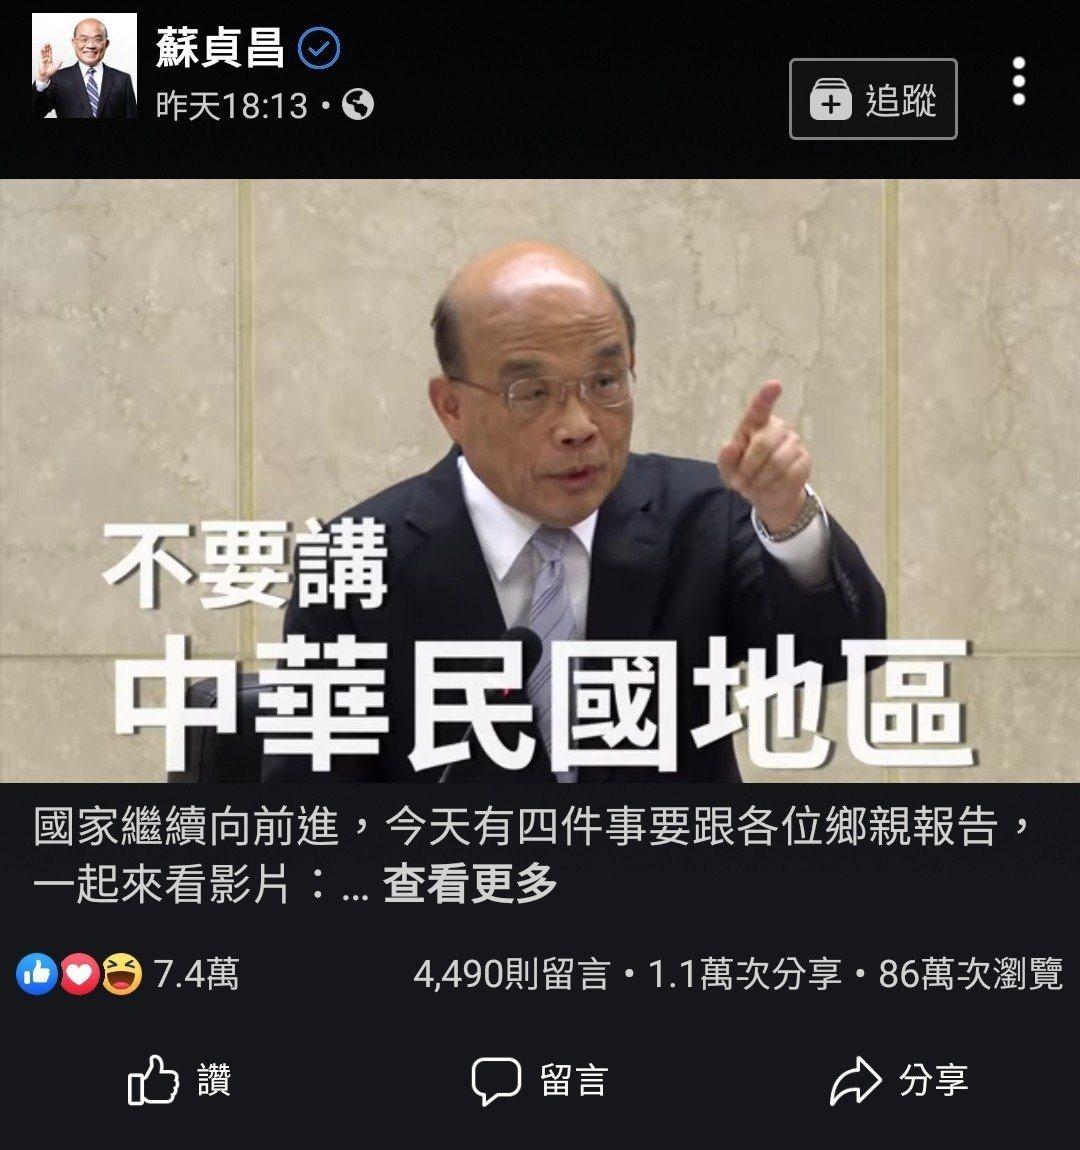 行政院長蘇貞昌臉書昨晚張貼剪接影片,開頭就指「韓市長,不要講中華民國地區」。圖/...